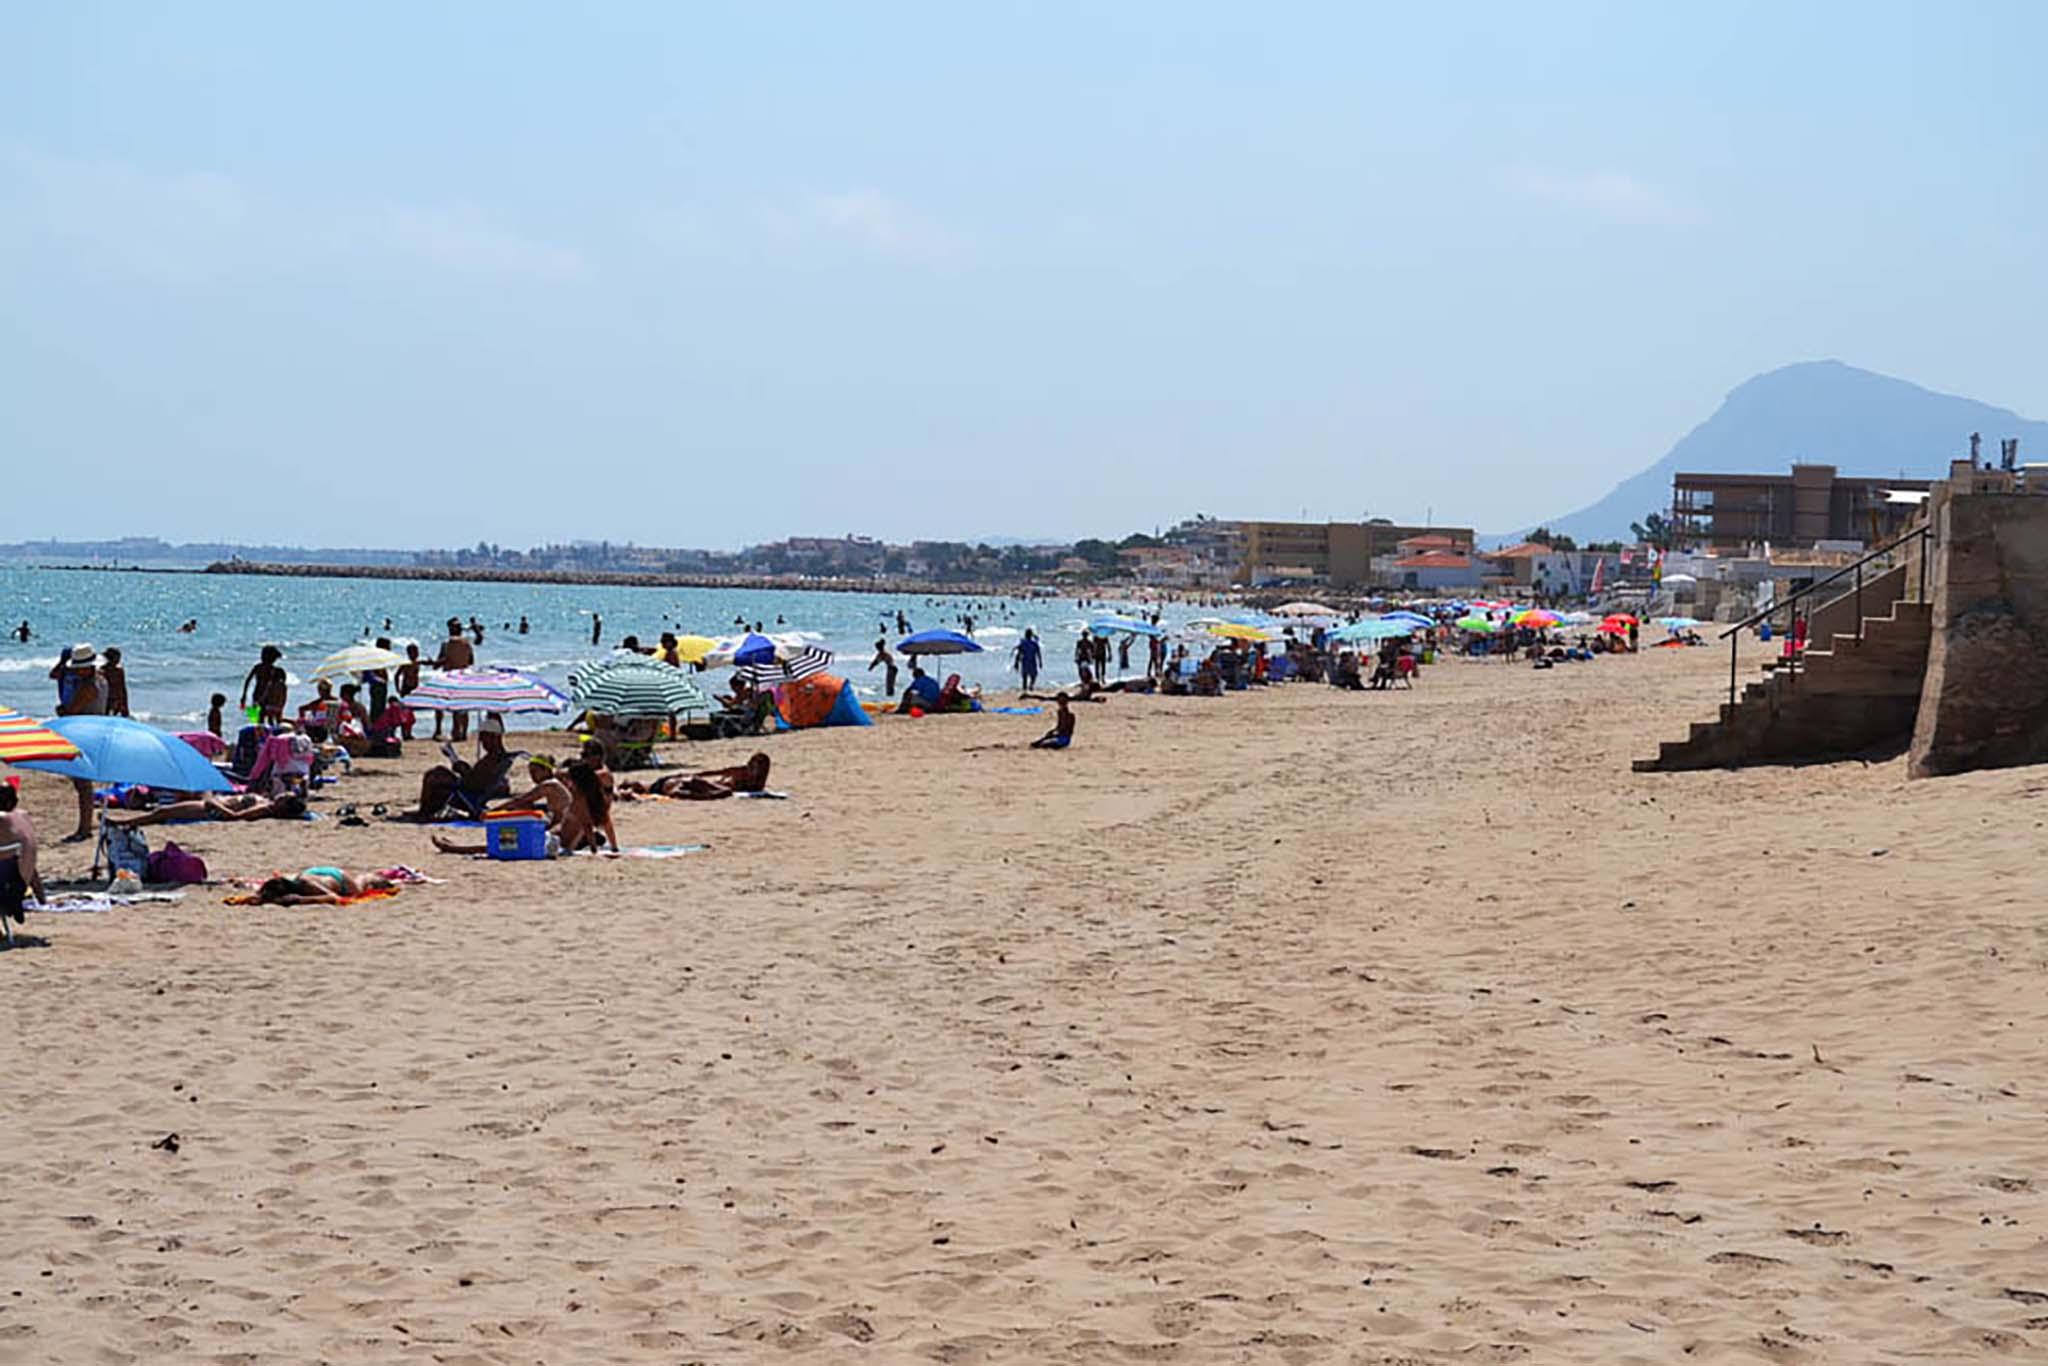 Playa Les Deveses